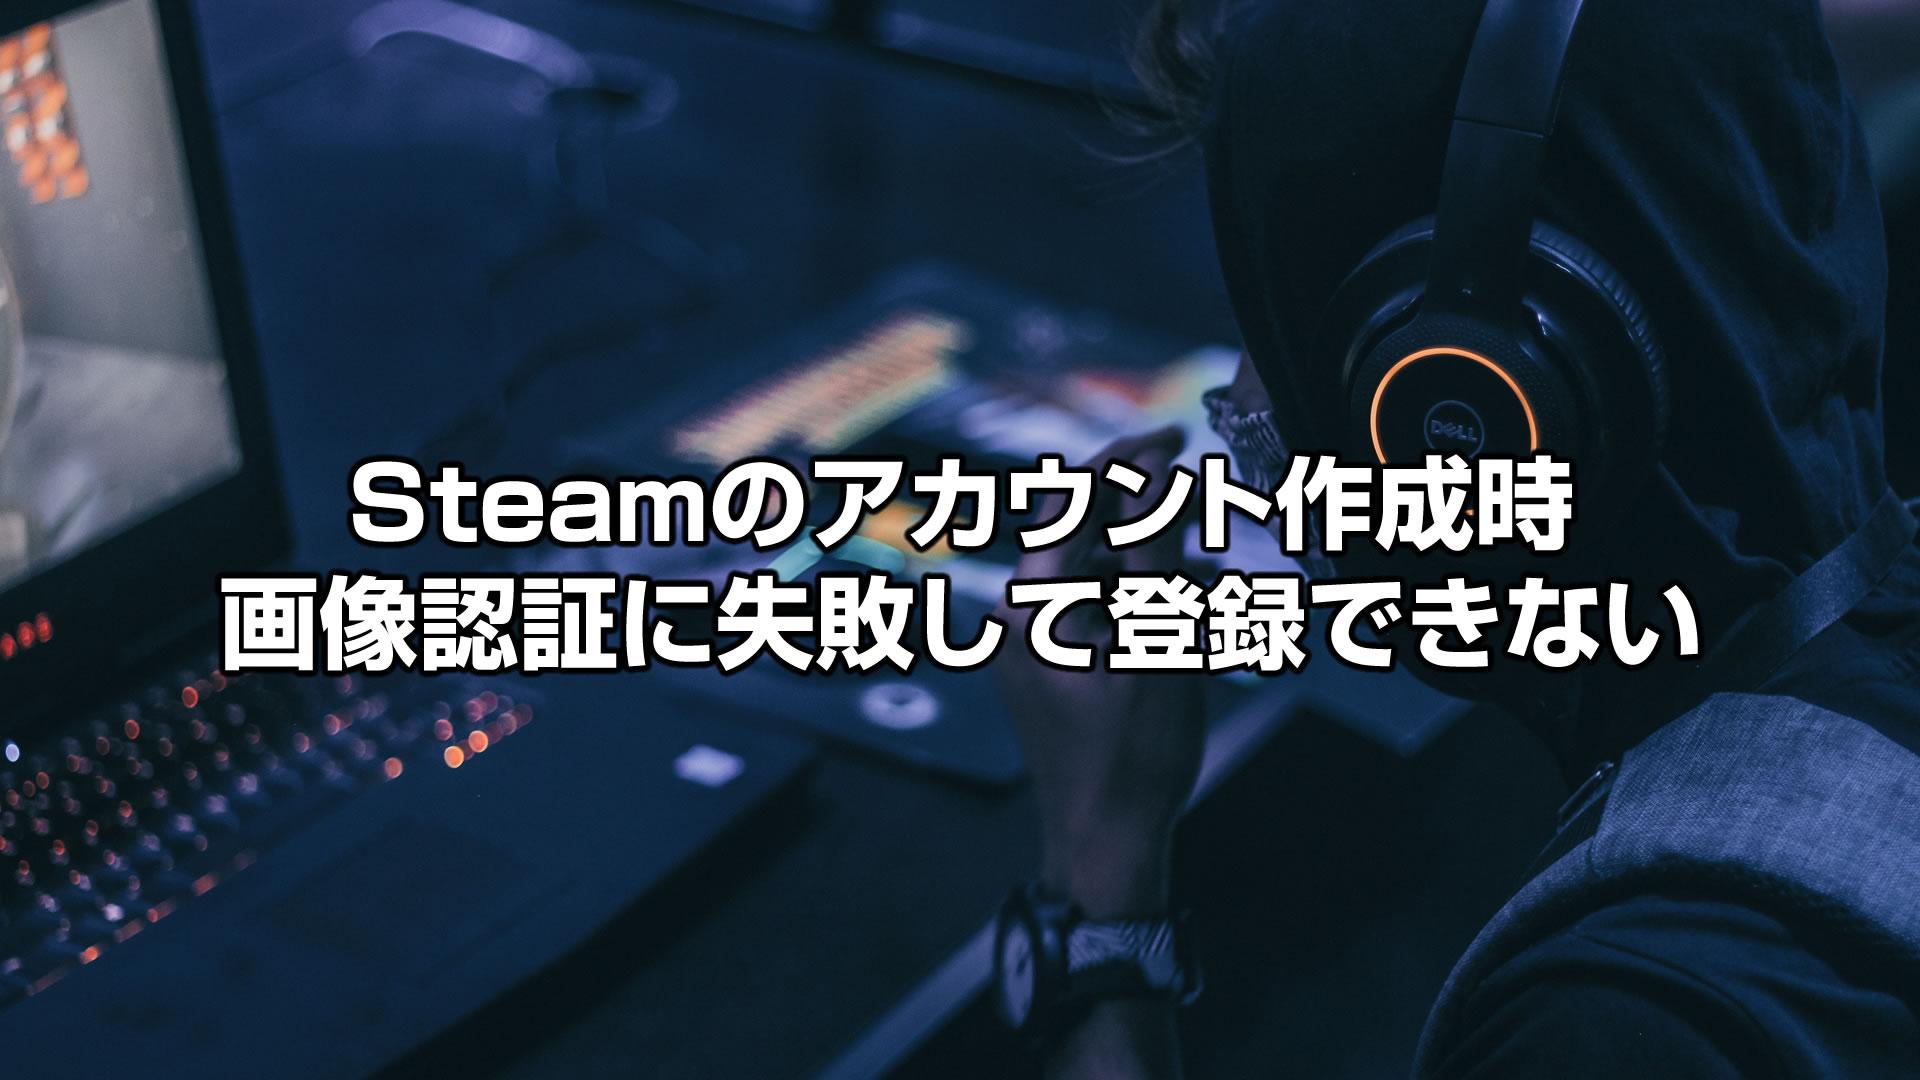 【解決方法】Steamのアカウント作成時画像認証に失敗して登録できない